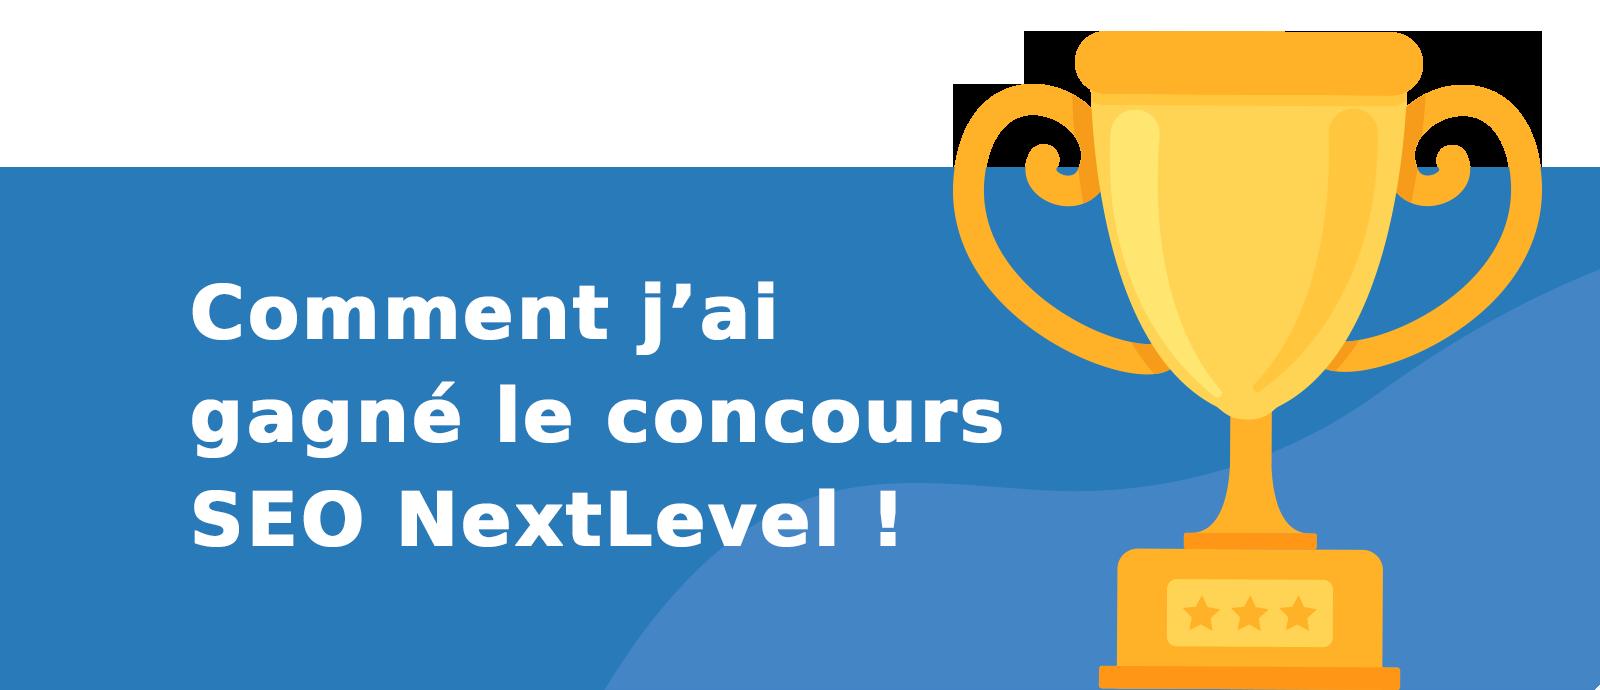 Concours SEO nextlevel